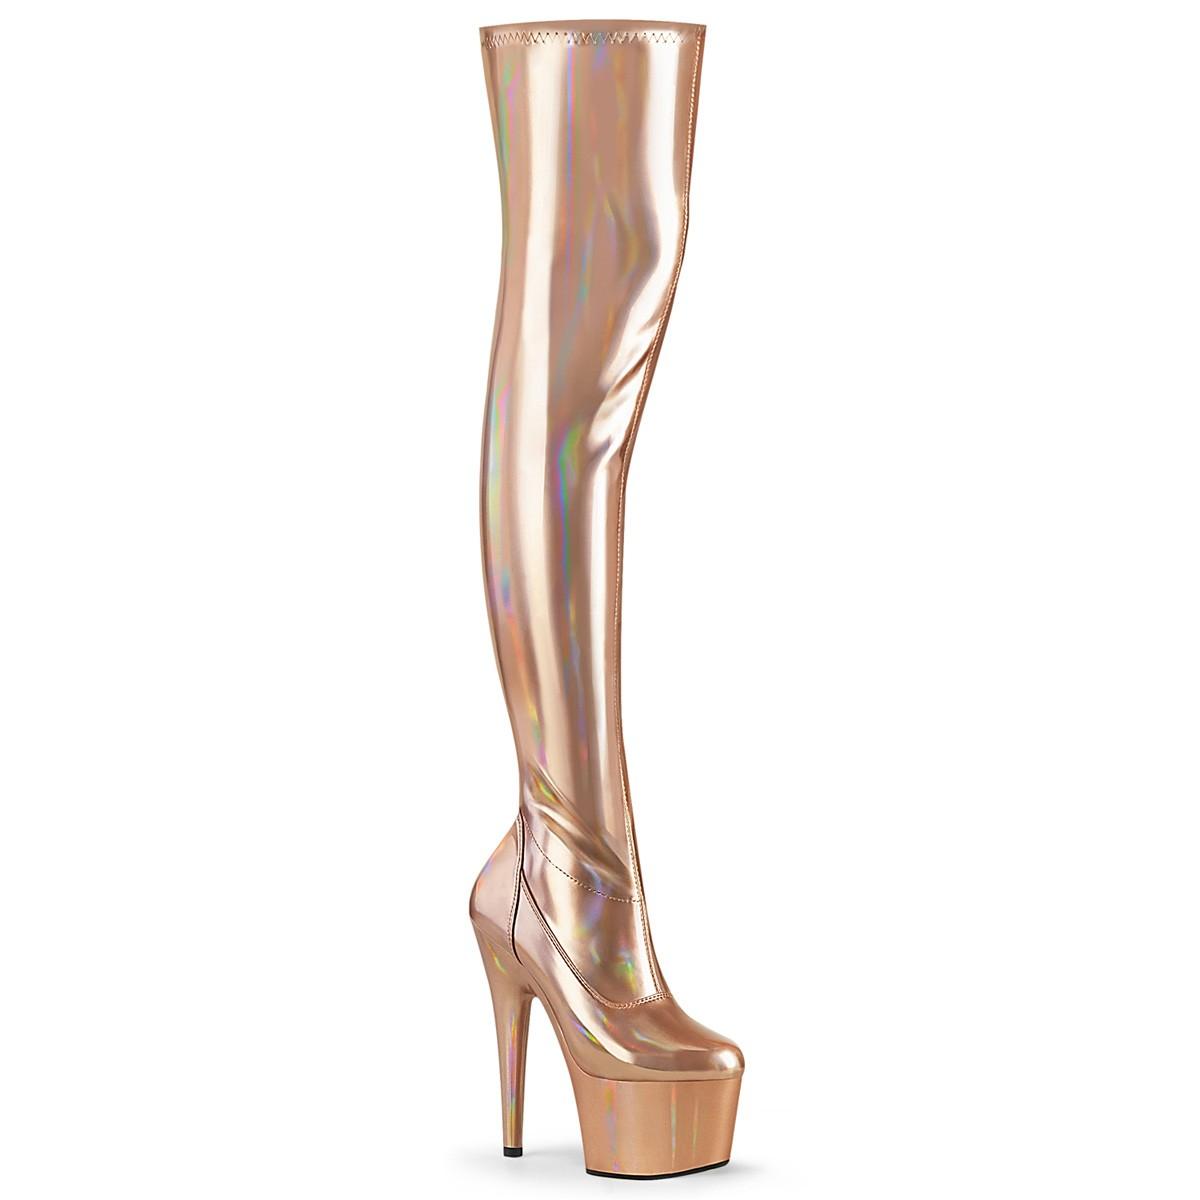 Guld 18 cm ADORE 3000HWR Hologram overknee støvler pole dance overknees